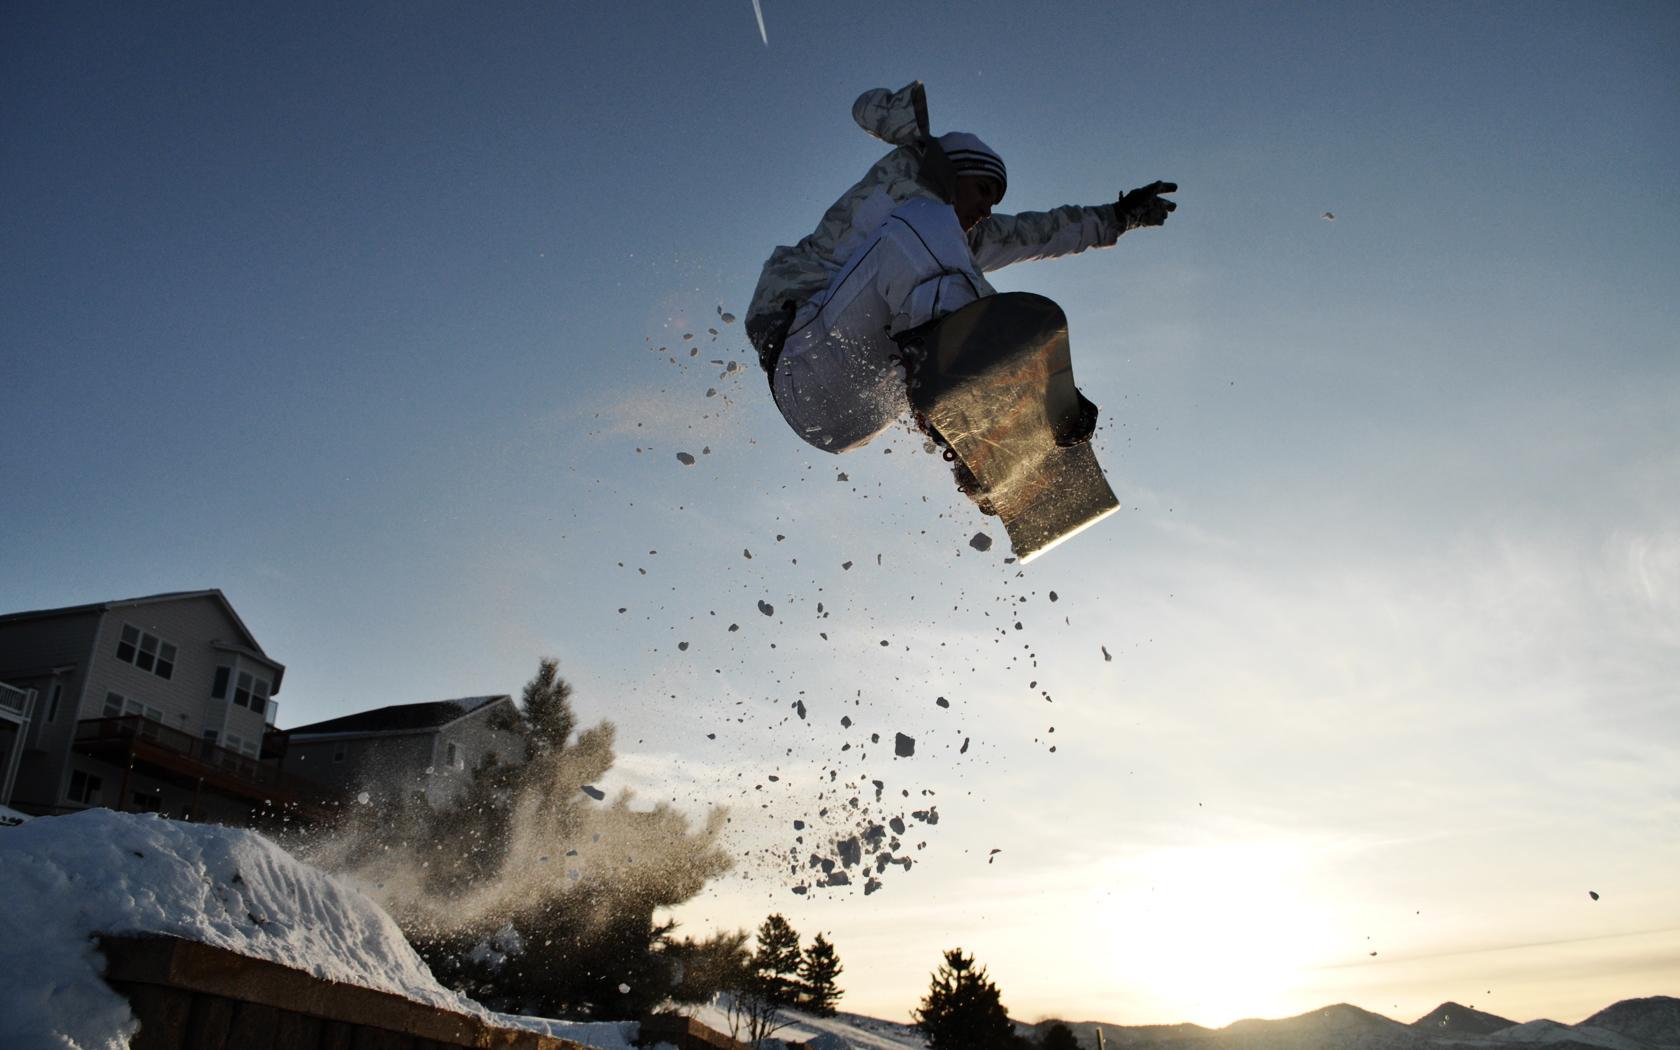 snowboarding jump computer wallpaper 61342